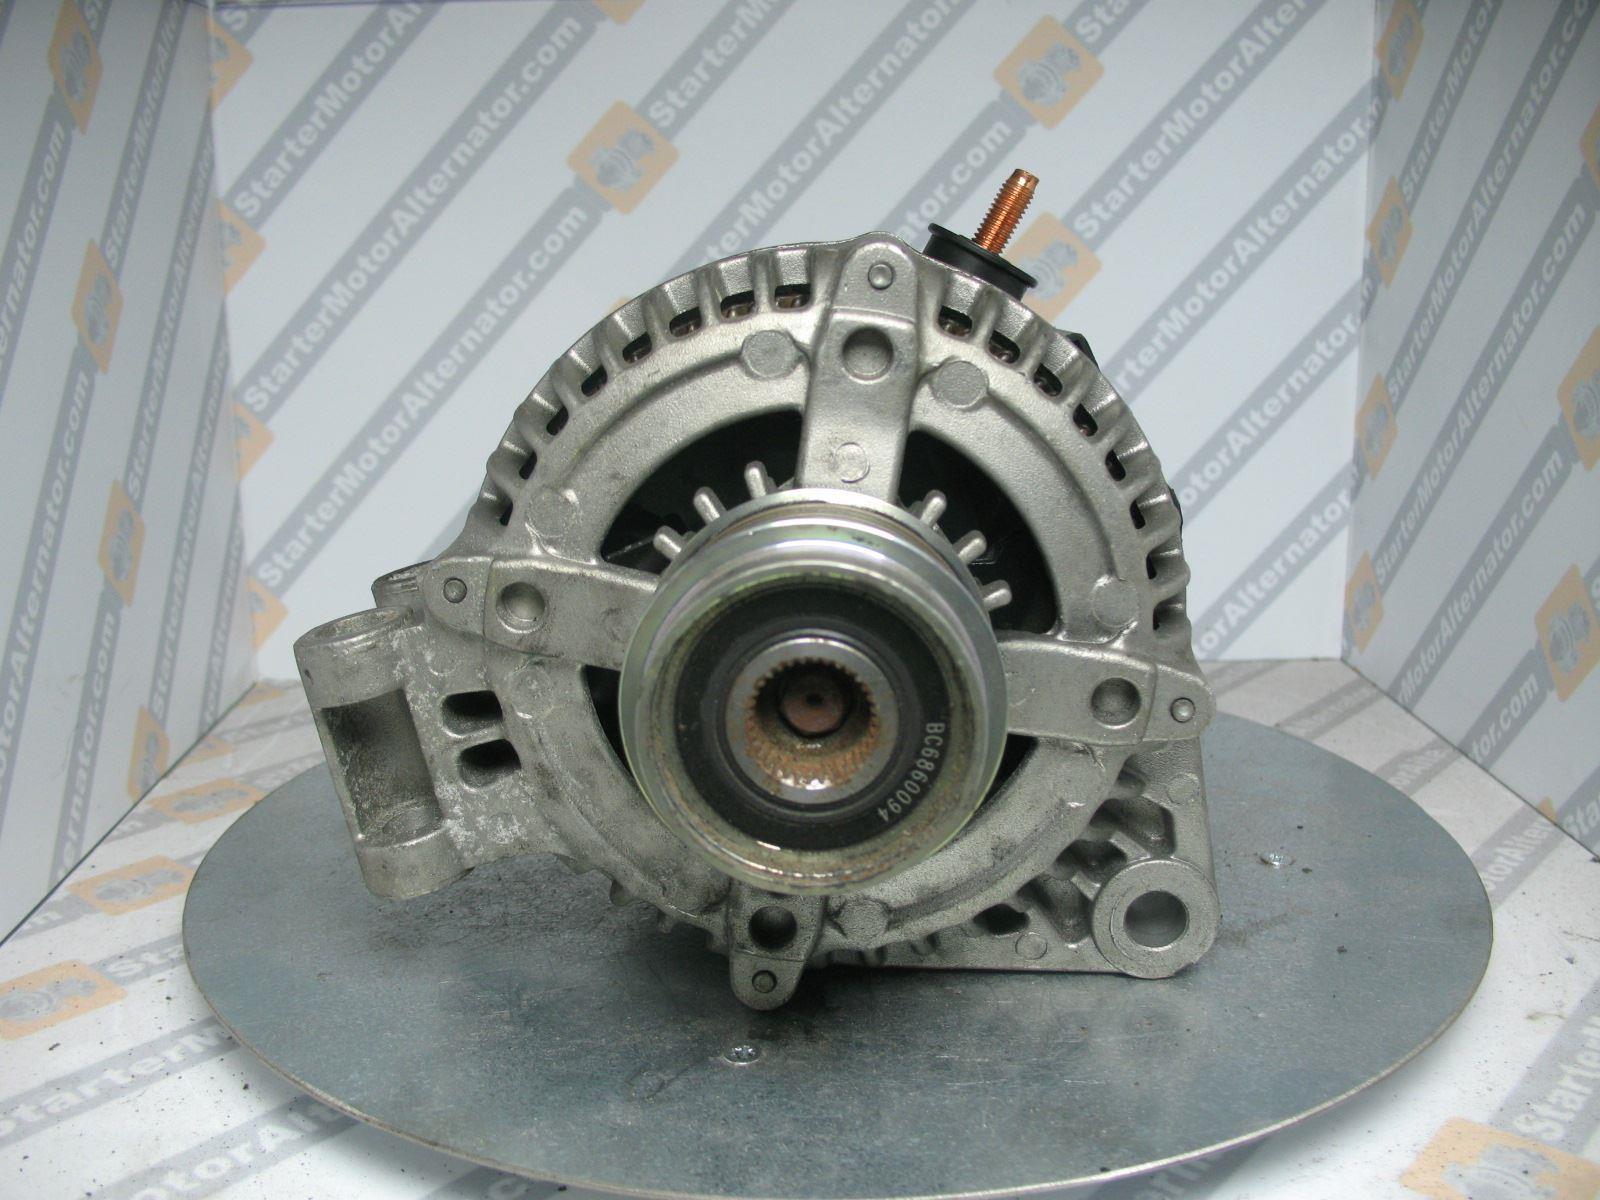 XIK3123 Alternator For Jaguar/Daimler